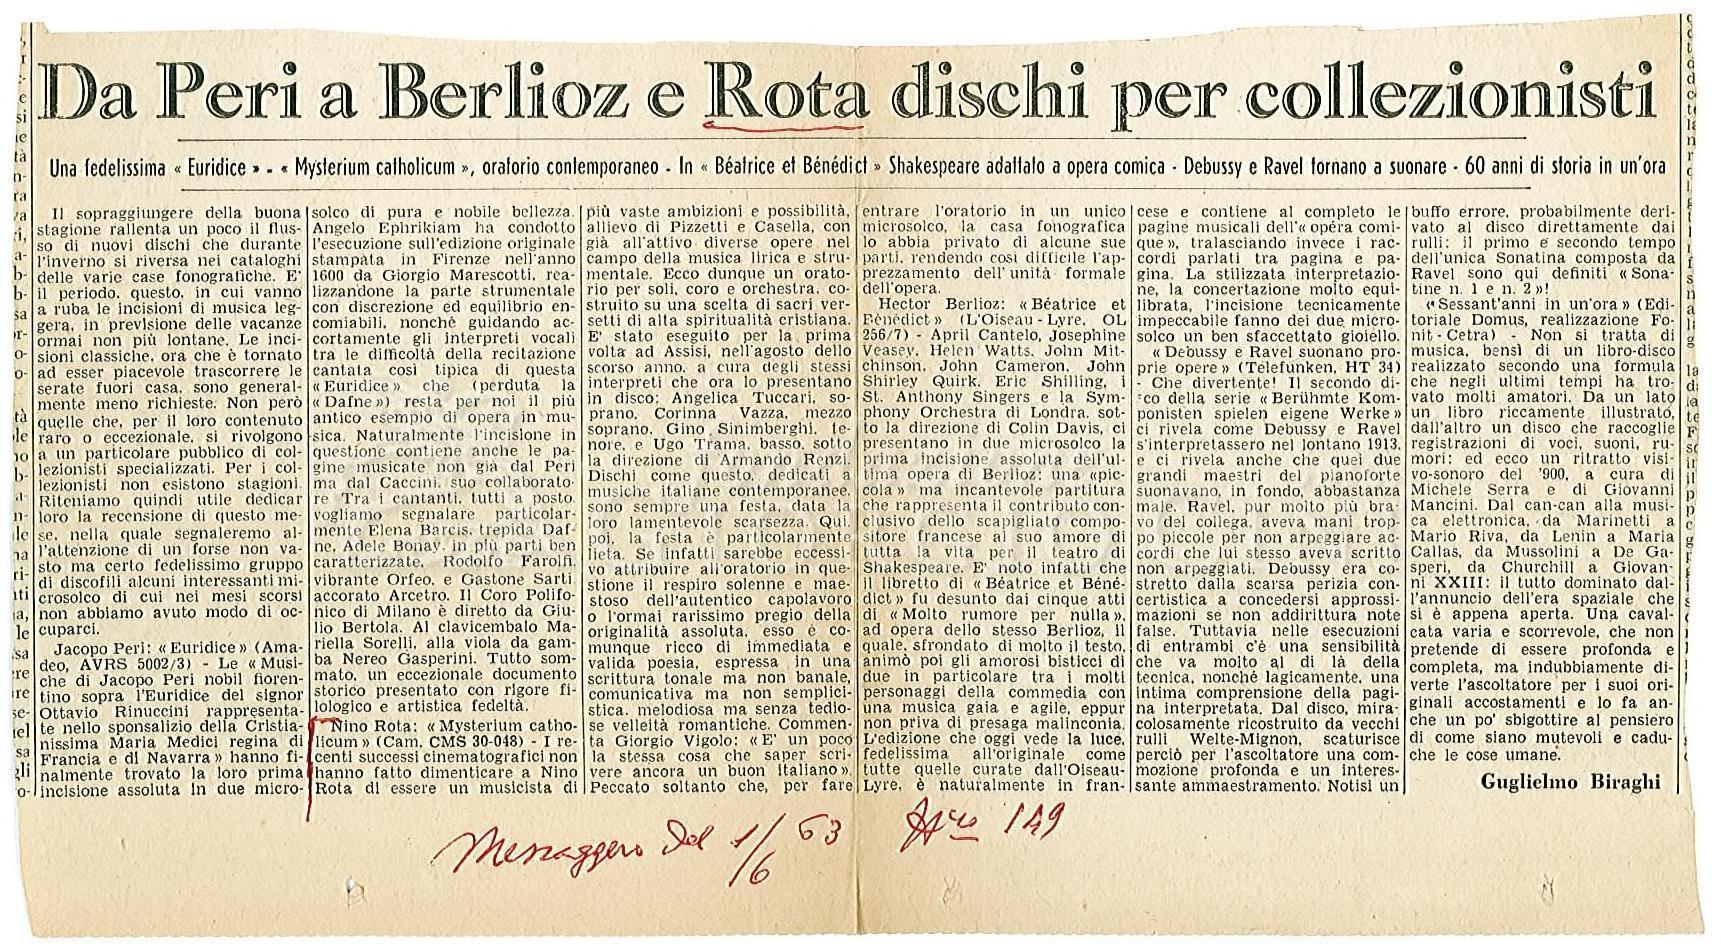 Da Peri a Berlioz e Rota dischi per collezionisti  19 gennaio 1963